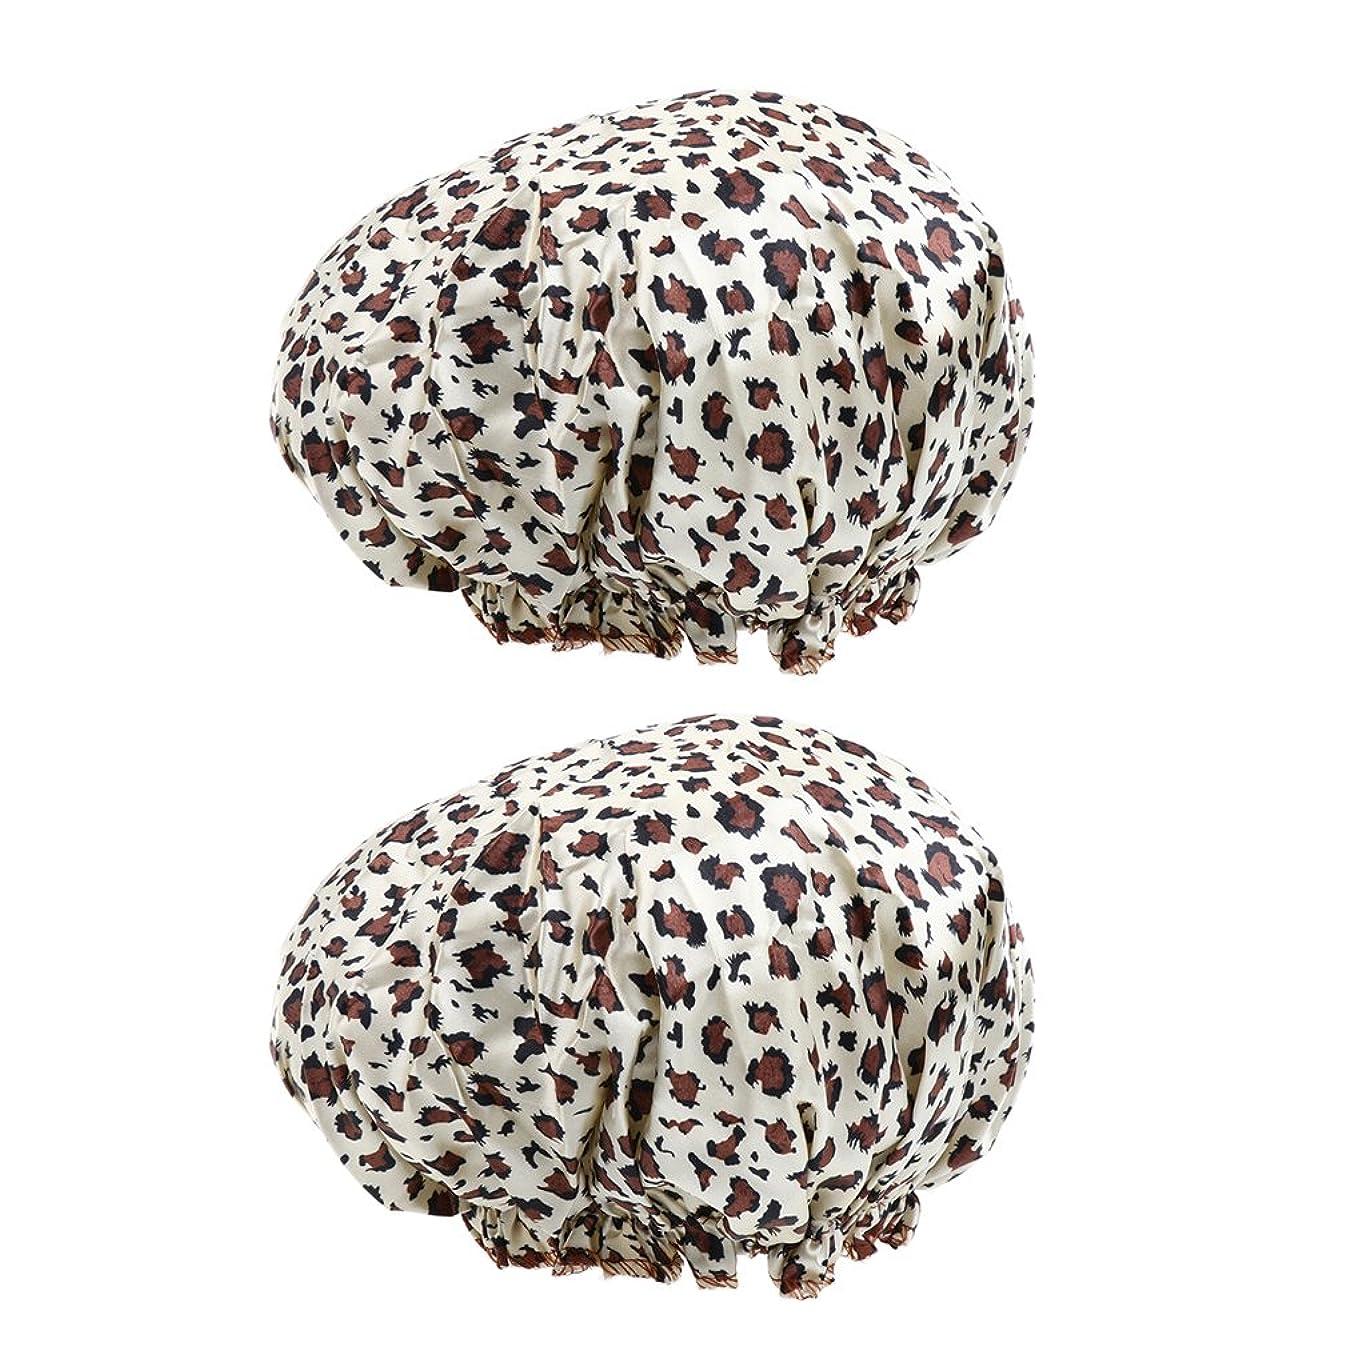 マイナス野な義務的Hellery 2個セット シャワーキャップ 防水帽 入浴キャップ バスキャップ 帽子 お風呂 シャワー用 全7色 - A